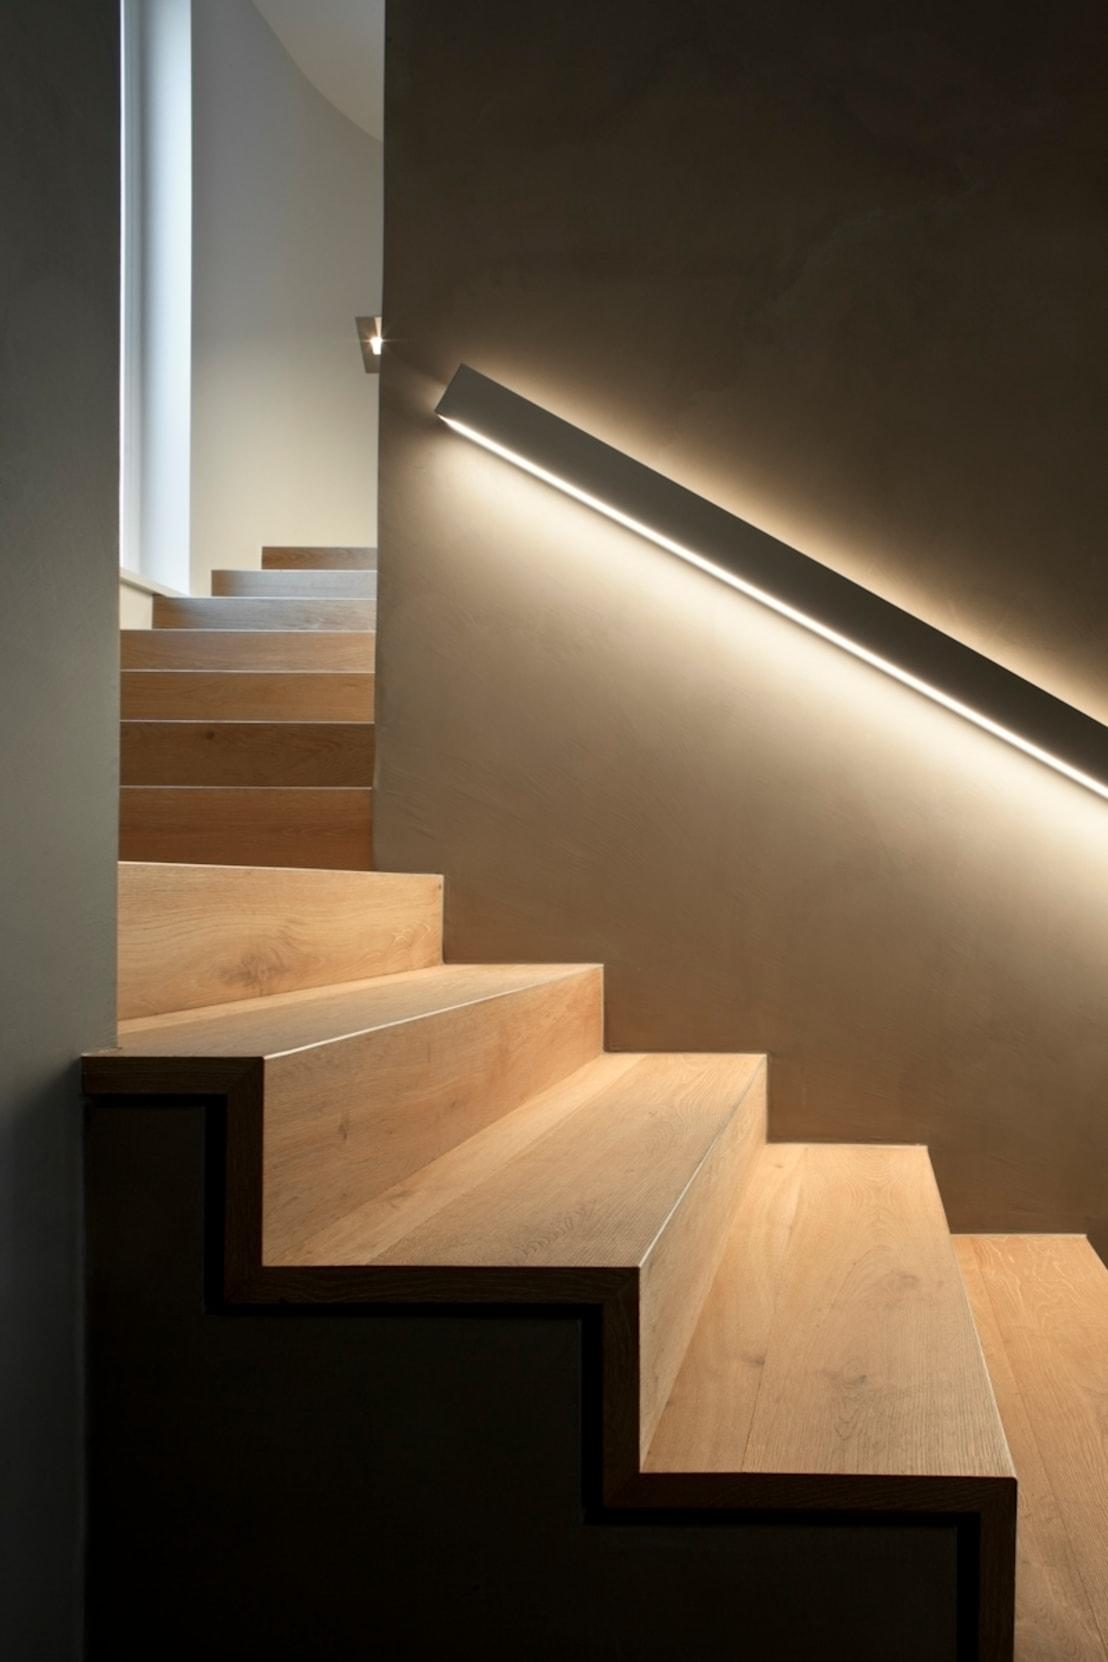 Светодиодная подсветка лестницы – создаем оригинальную и безопасную конструкцию